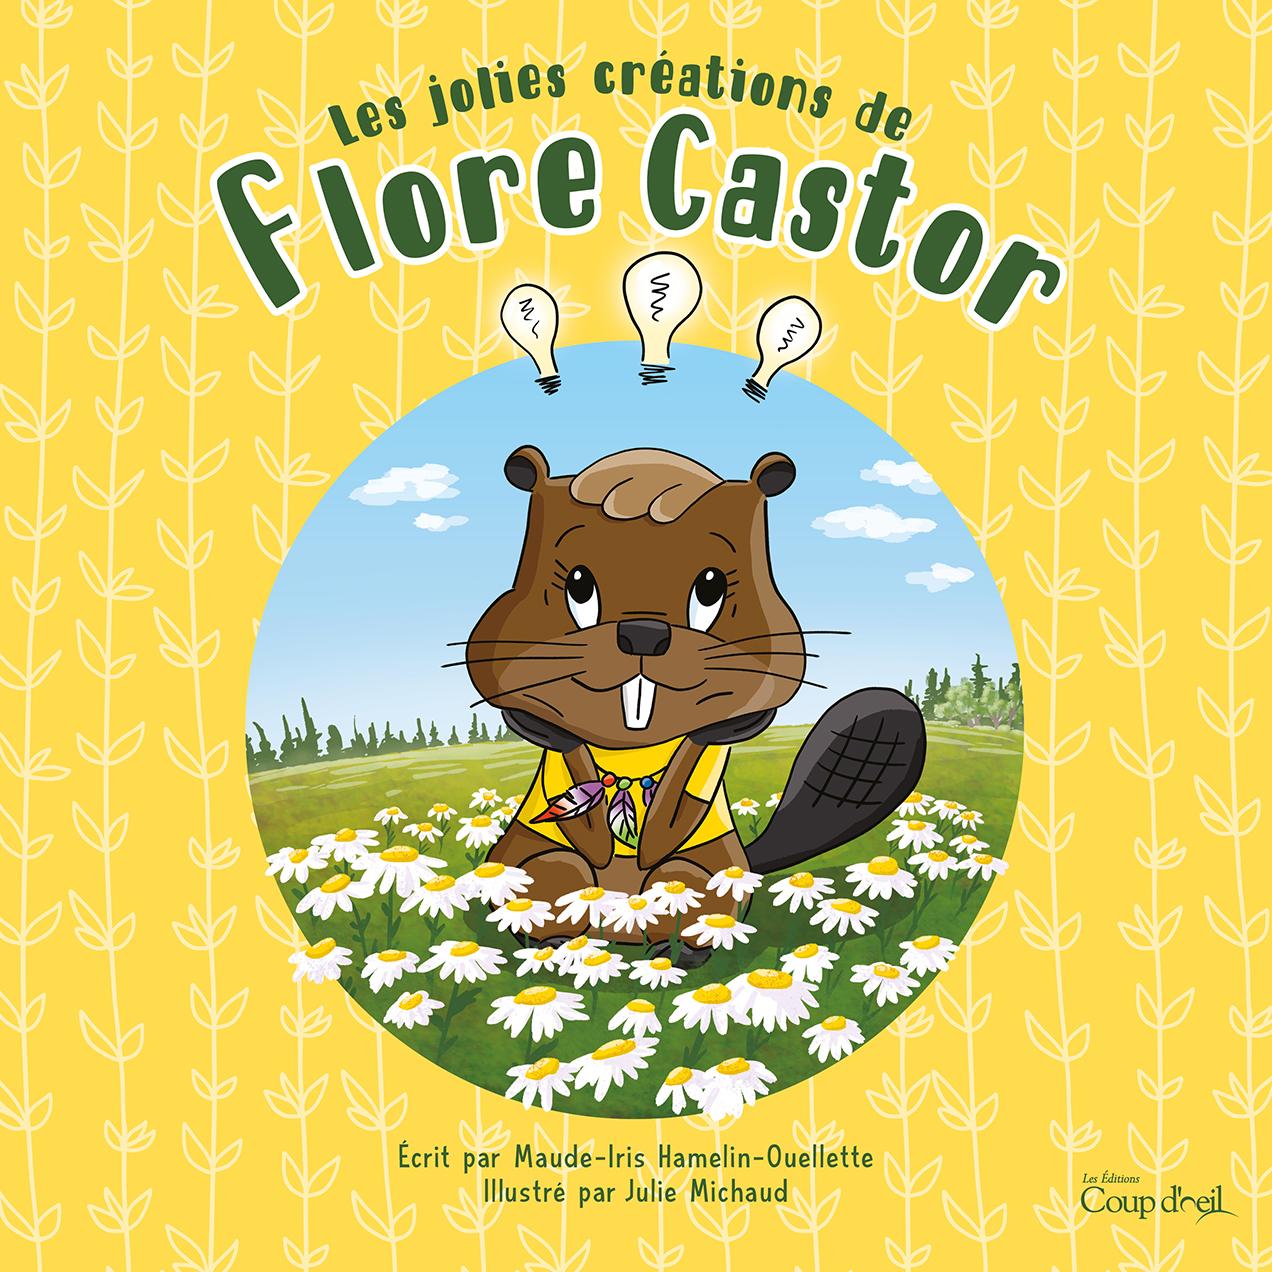 Les jolies créations de Flore Castor